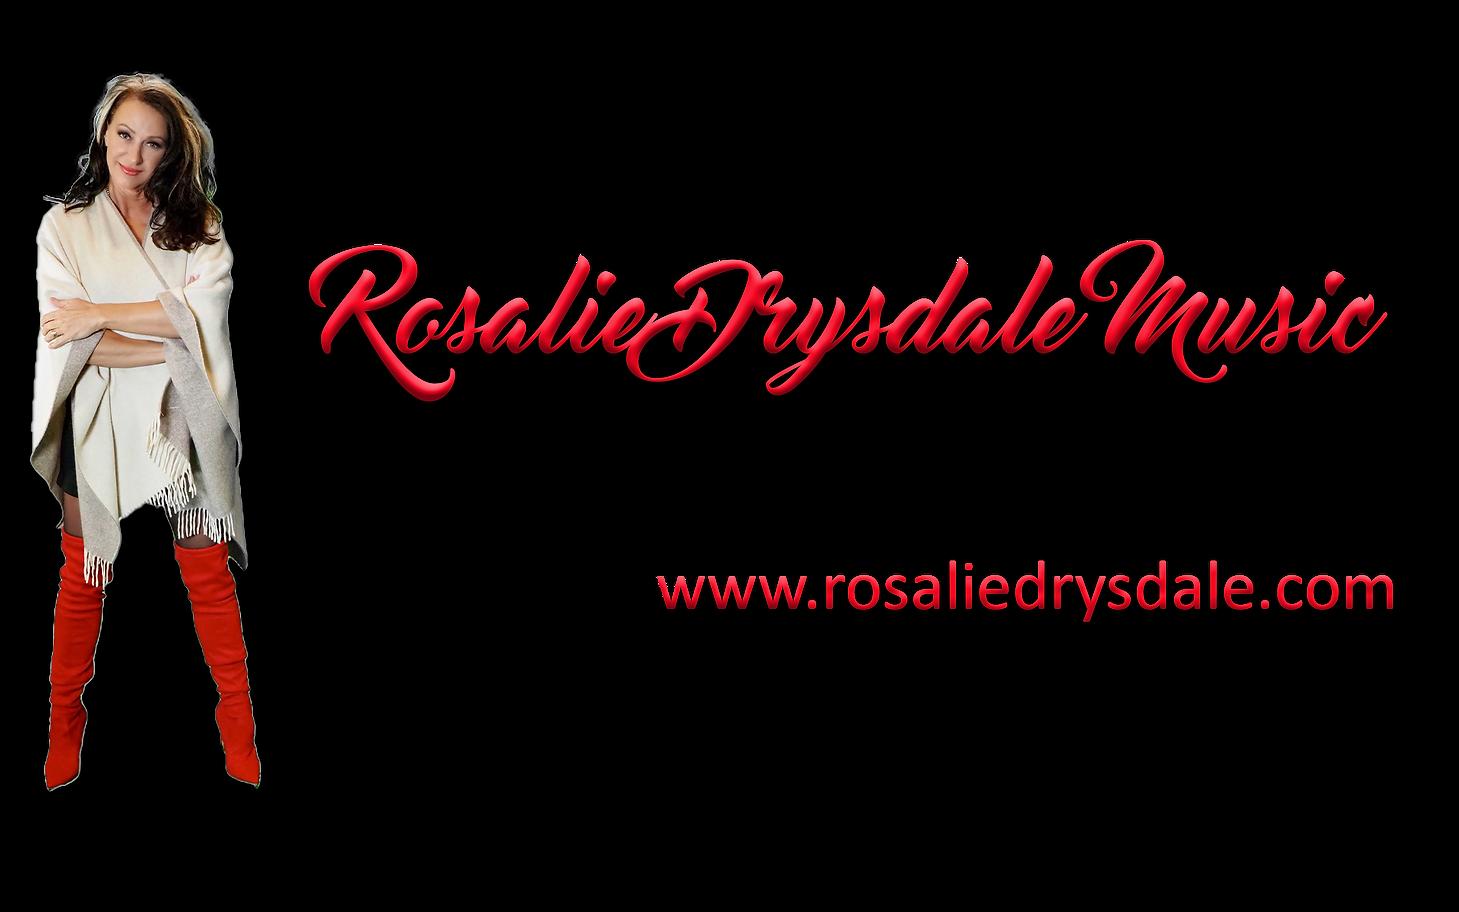 Rosalie Logo White Bkgrnd Poncho 1920 x